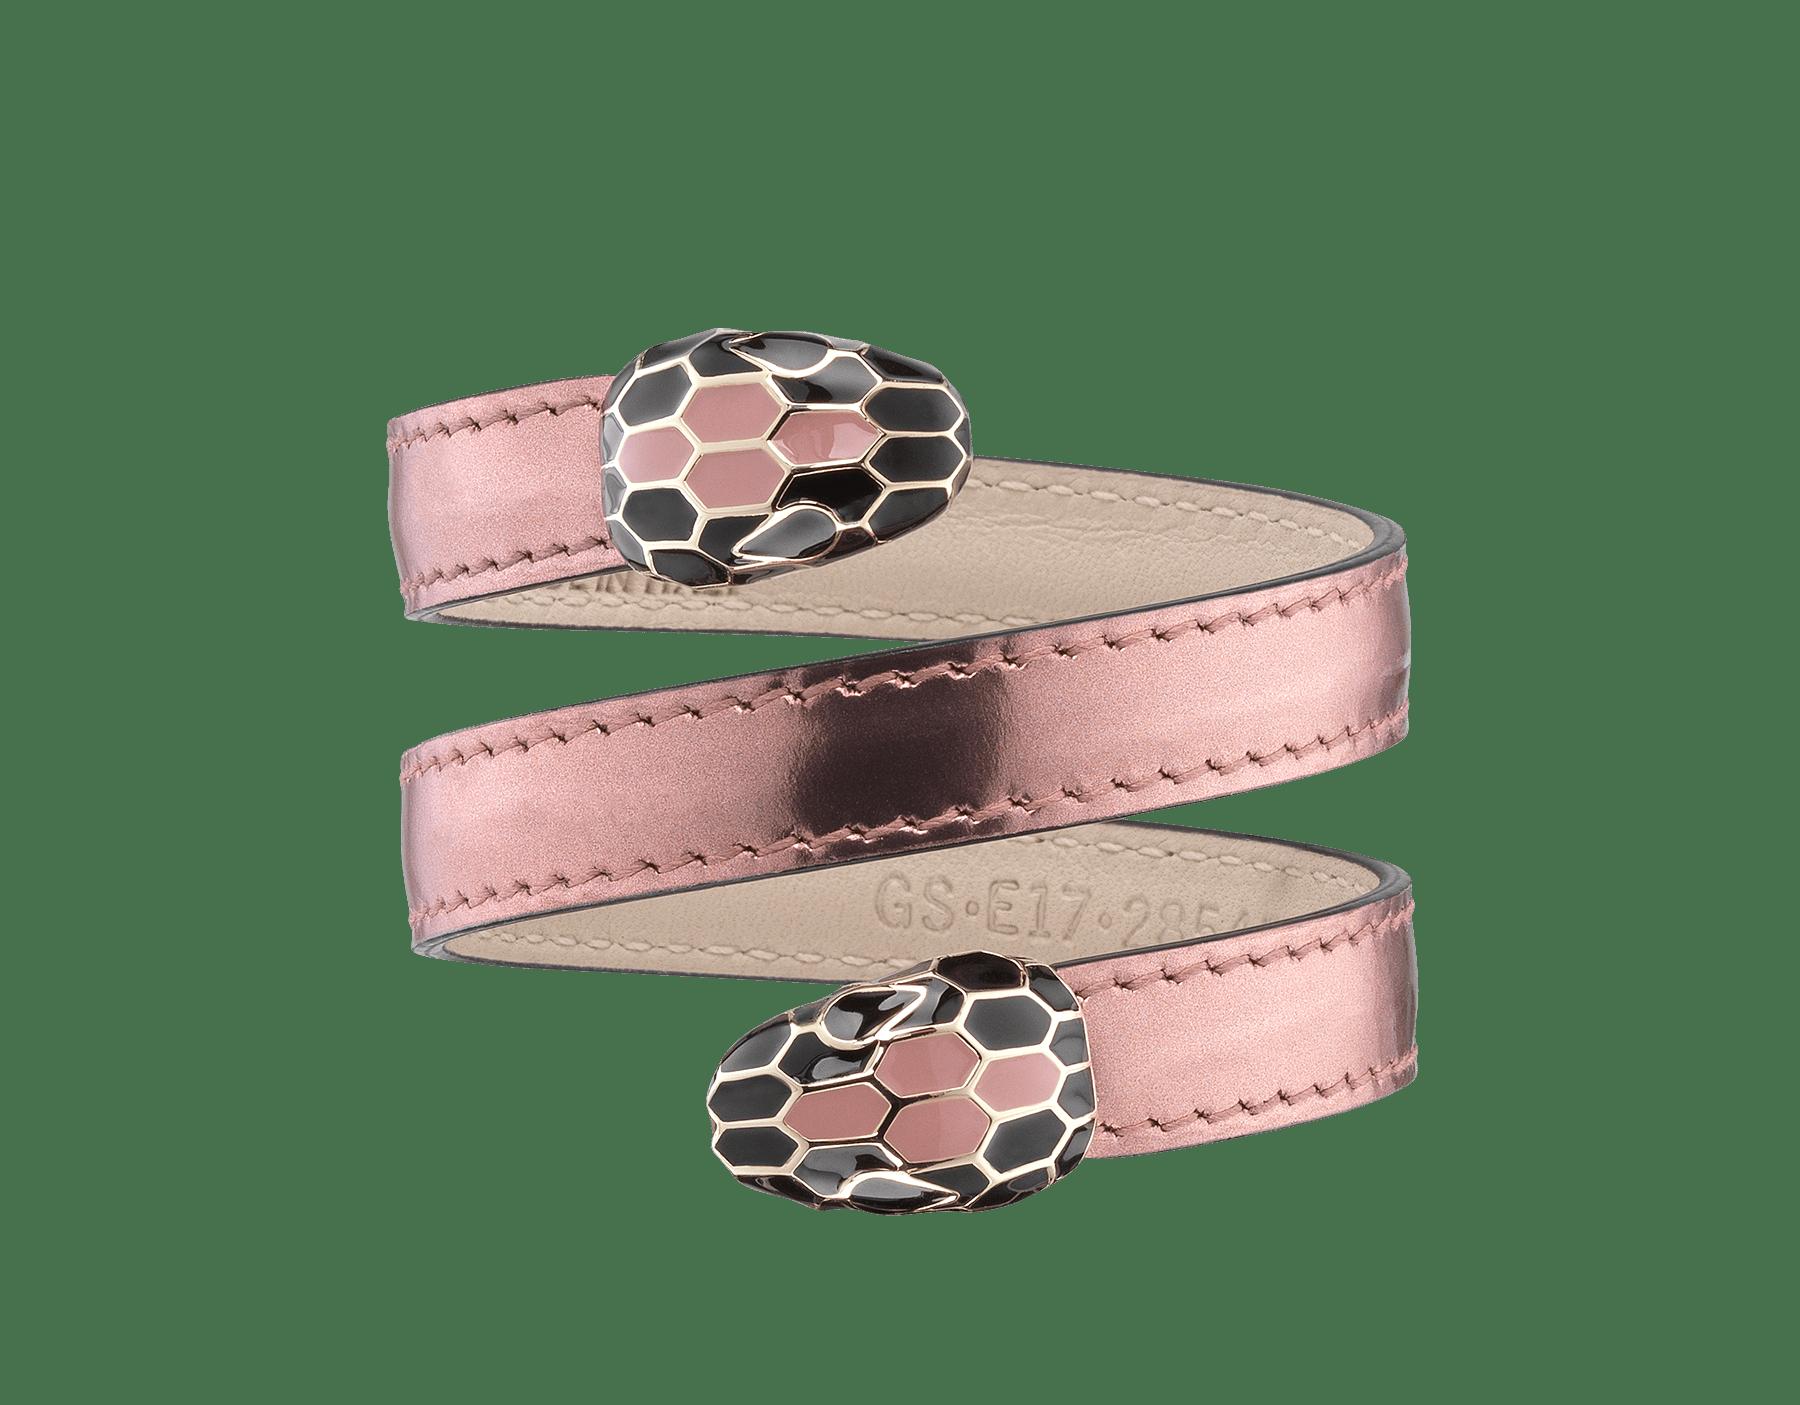 Bracelet Cleopatra multi-tours rigide en cuir de veau aspect métal brossé couleur rose quartz avec détails en laiton doré. Fermoir Serpenti double en émail couleur rose quartz et noir avec yeux en émail noir. 285455 image 1